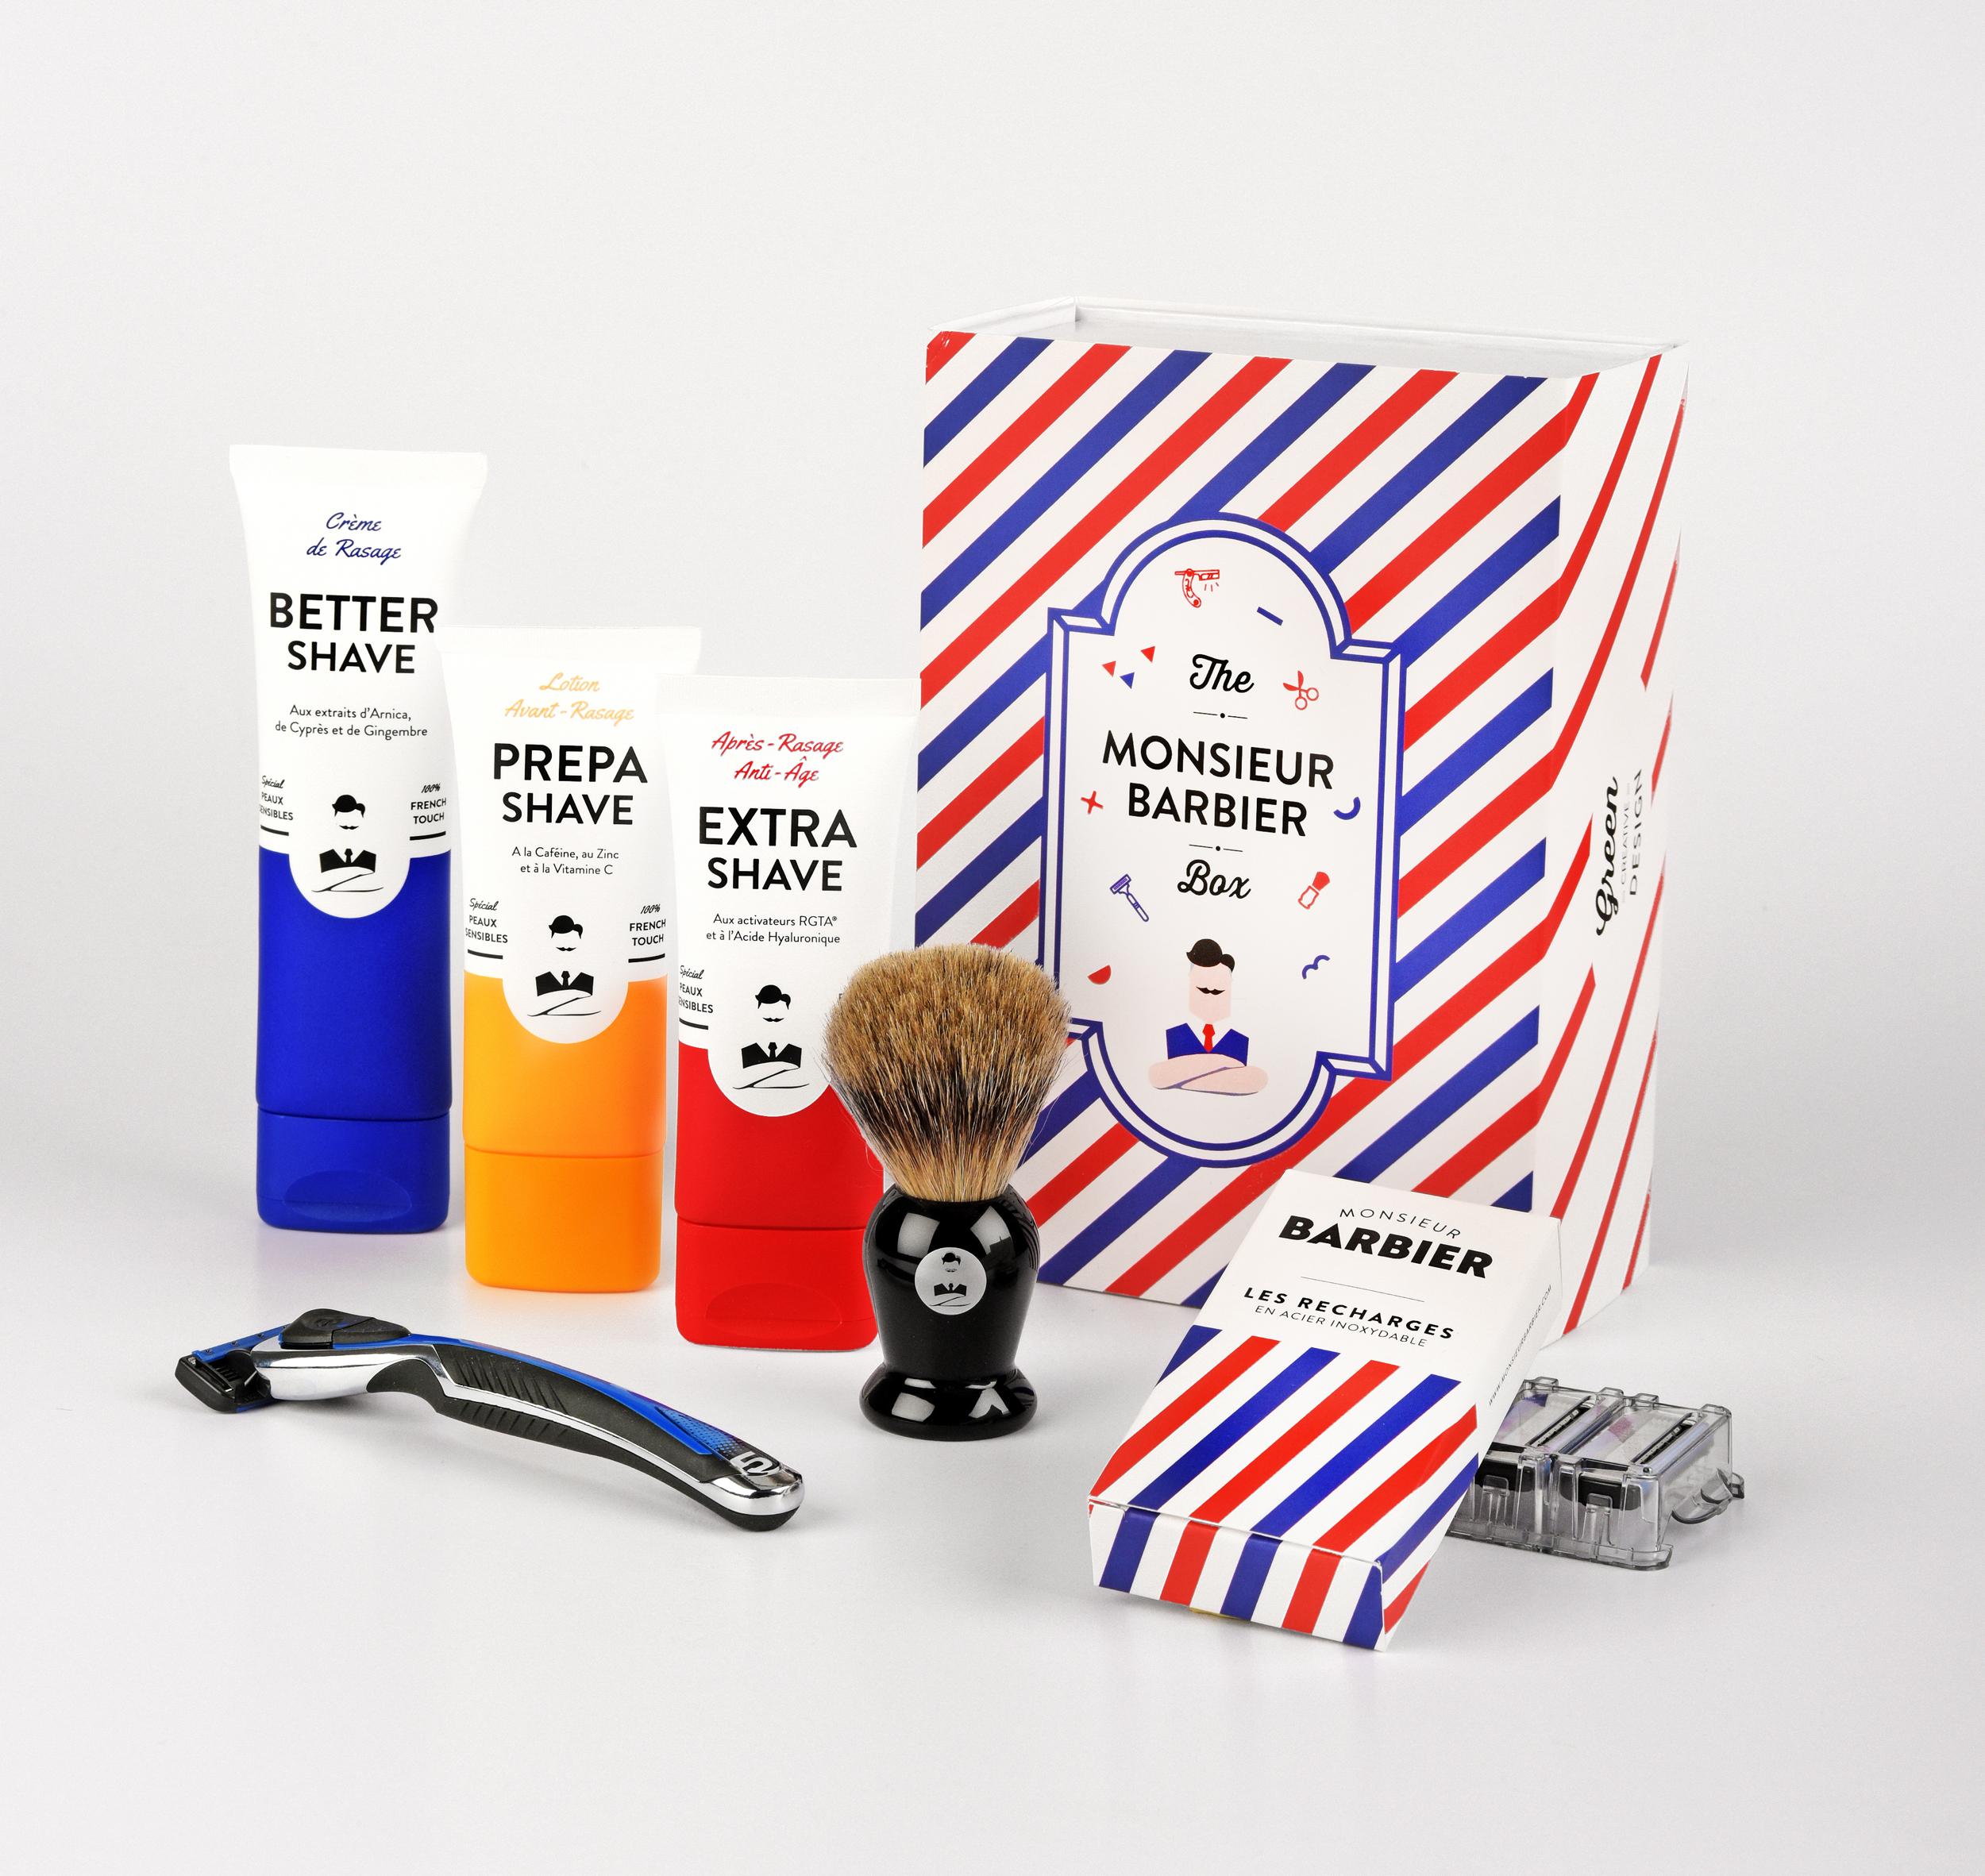 Coffret de rasage Monsieur Barbier : Blaireau, avant-rasage, crème de rasage, après-rasage, et rasoir au top ! C'est Super. C'est Super-Daddy